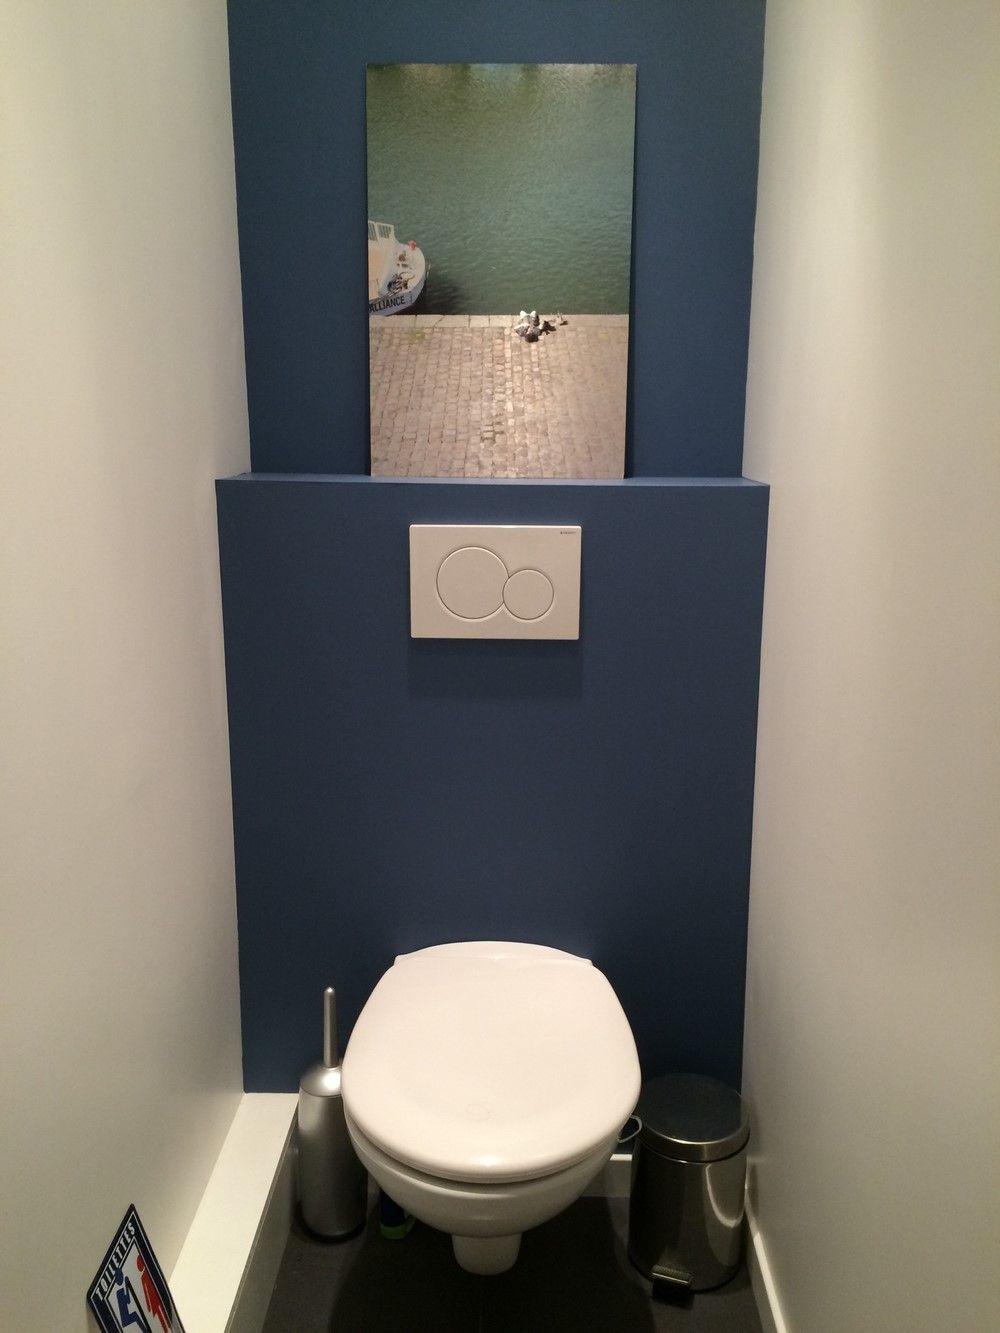 Img_1761-0 | Déco Toilettes, Idée Toilettes, Peinture destiné Toilettes Suspendus